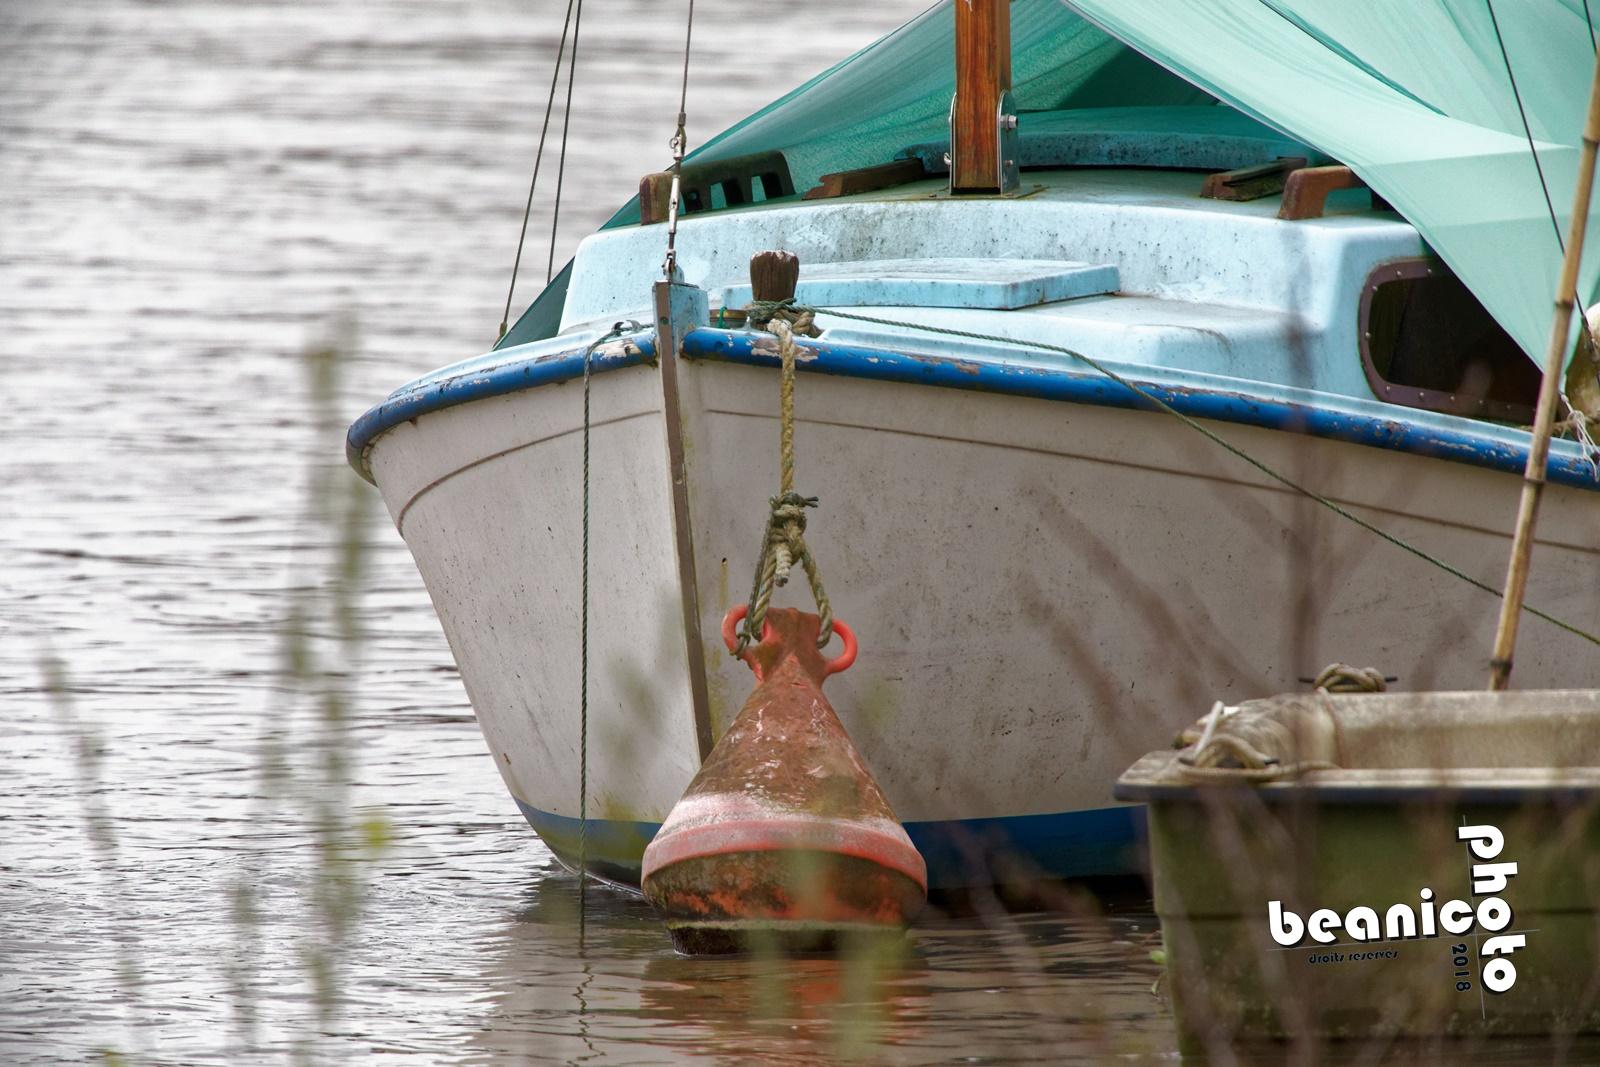 beanico-photo - bateau amarré sur la Maine (49) - Canon 5D IV + Tamron 150-600 G2 + Kenko 1,5x